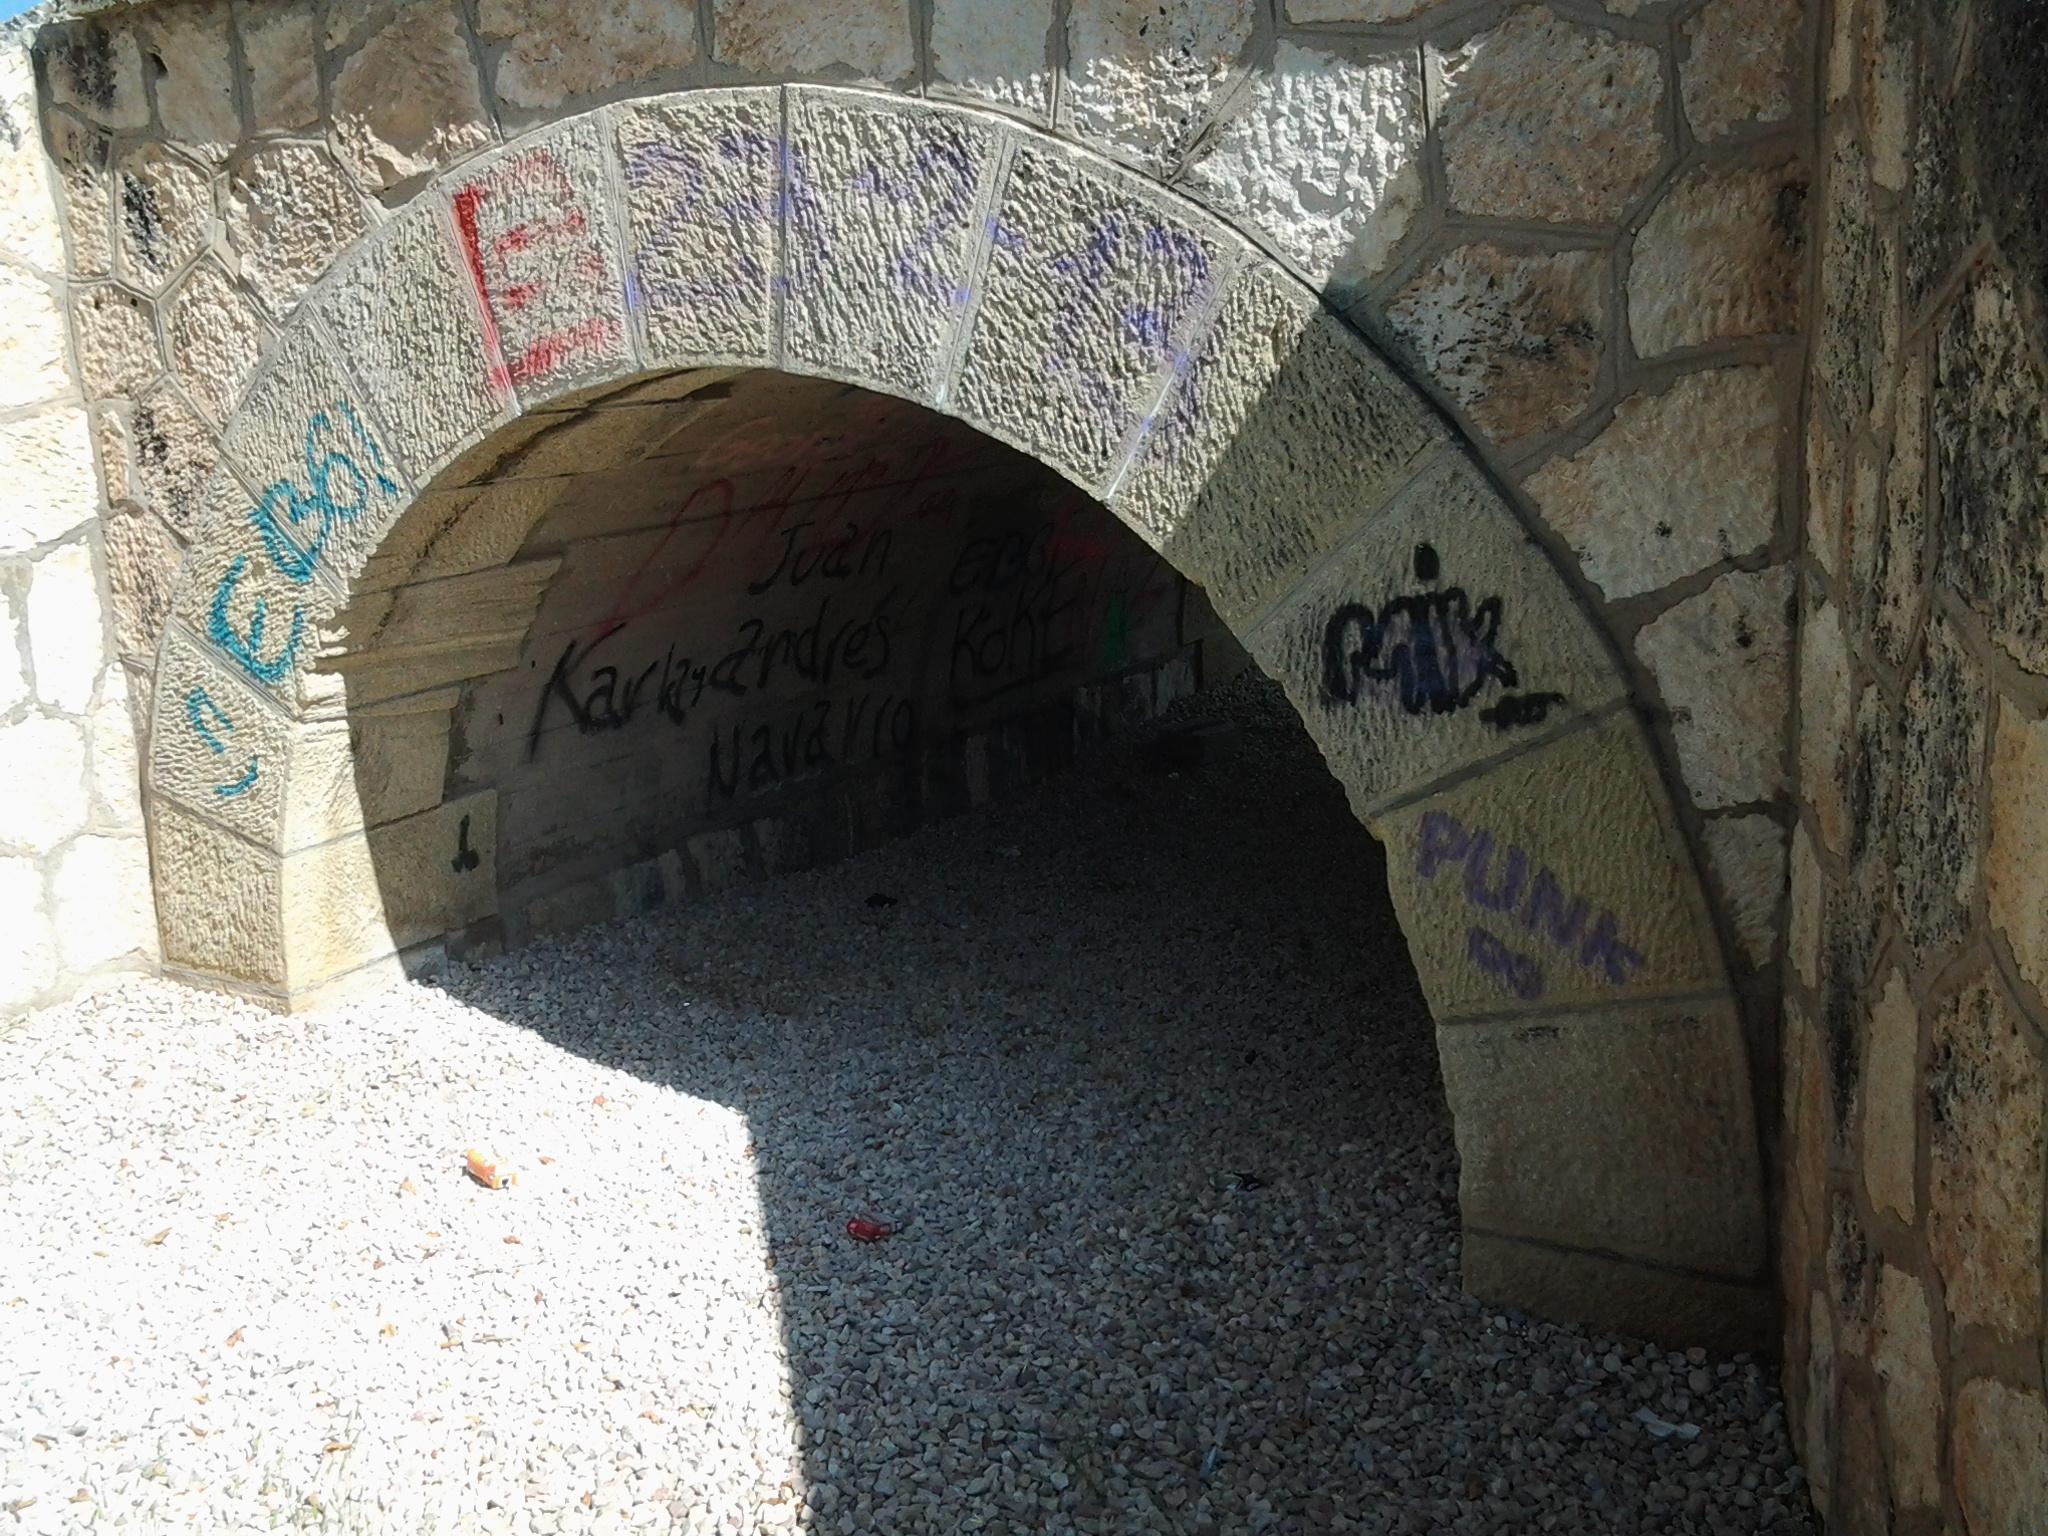 Limpieza con chorro de arena Puente de Ibi Arenado